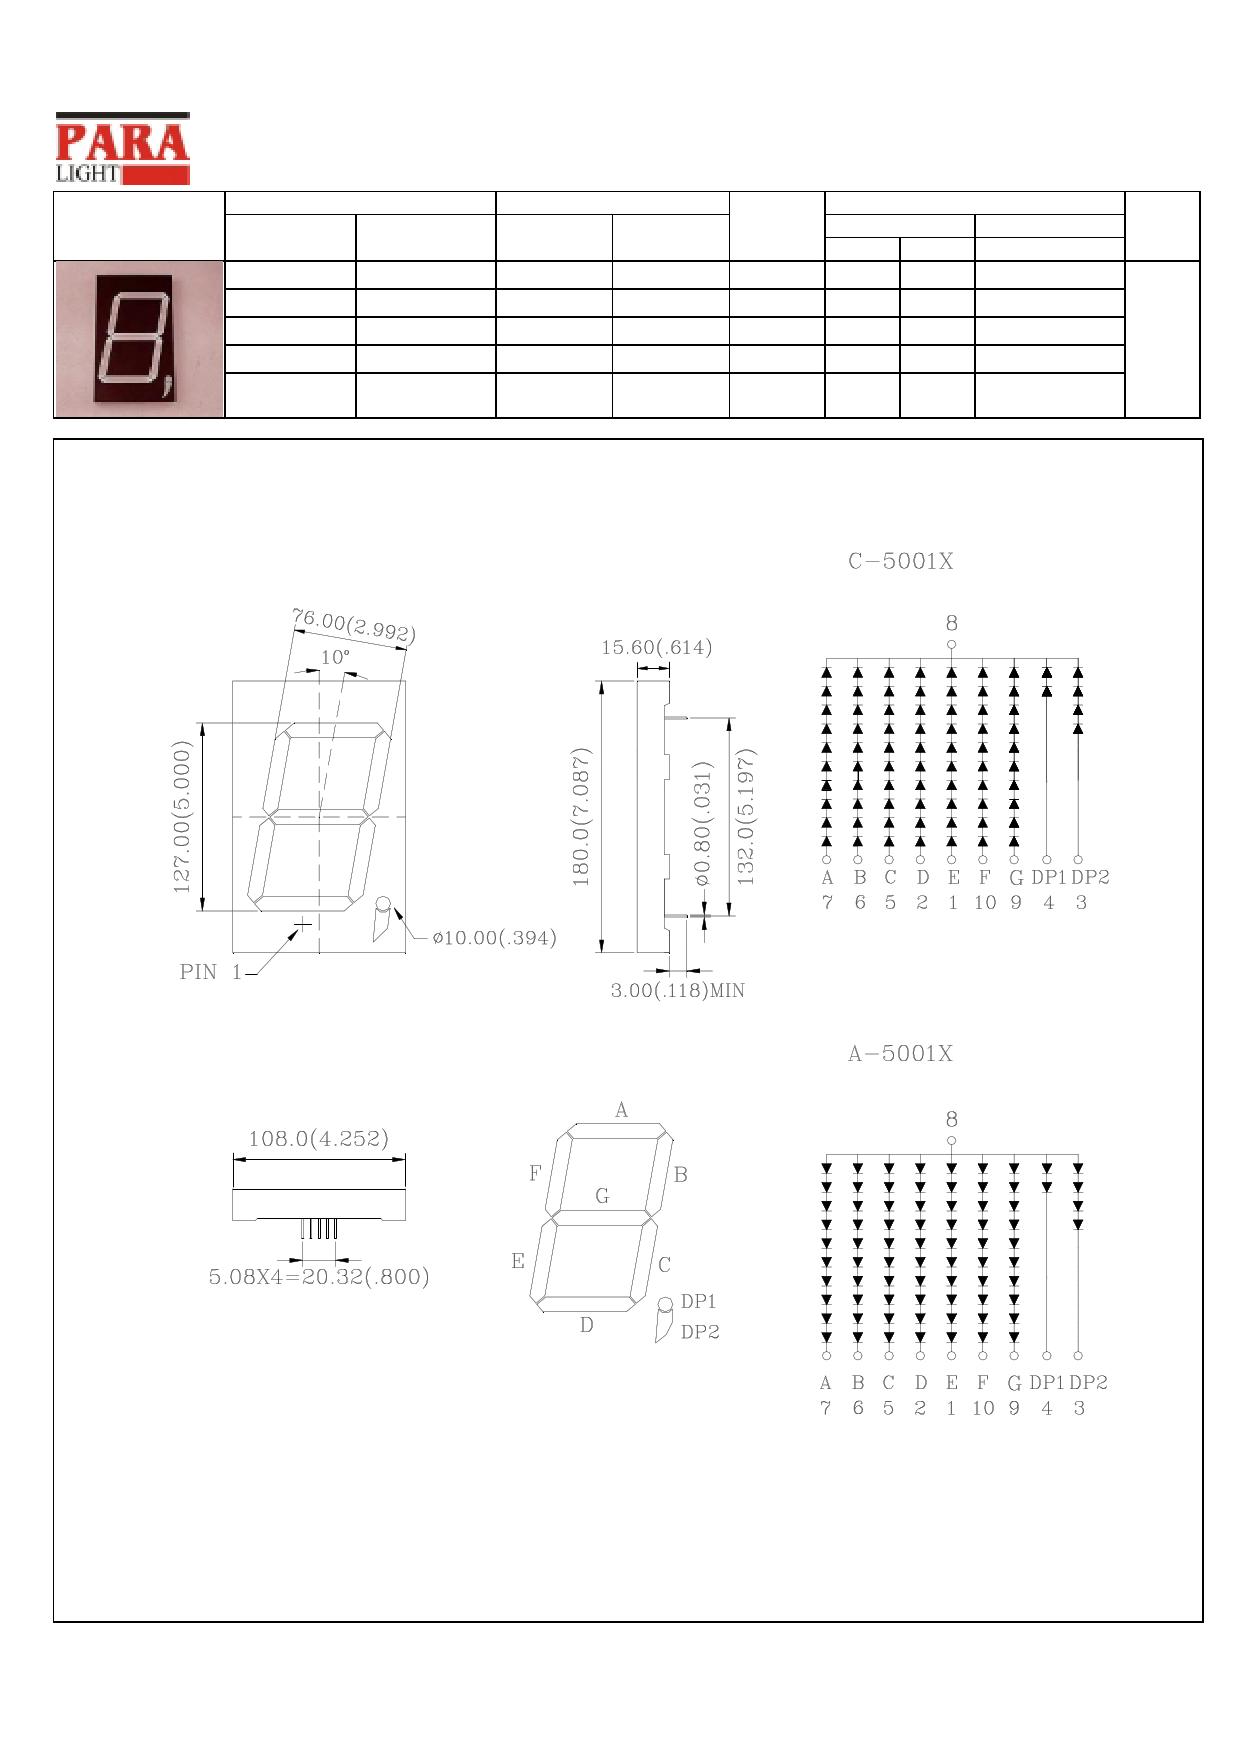 C-5001Y datasheet